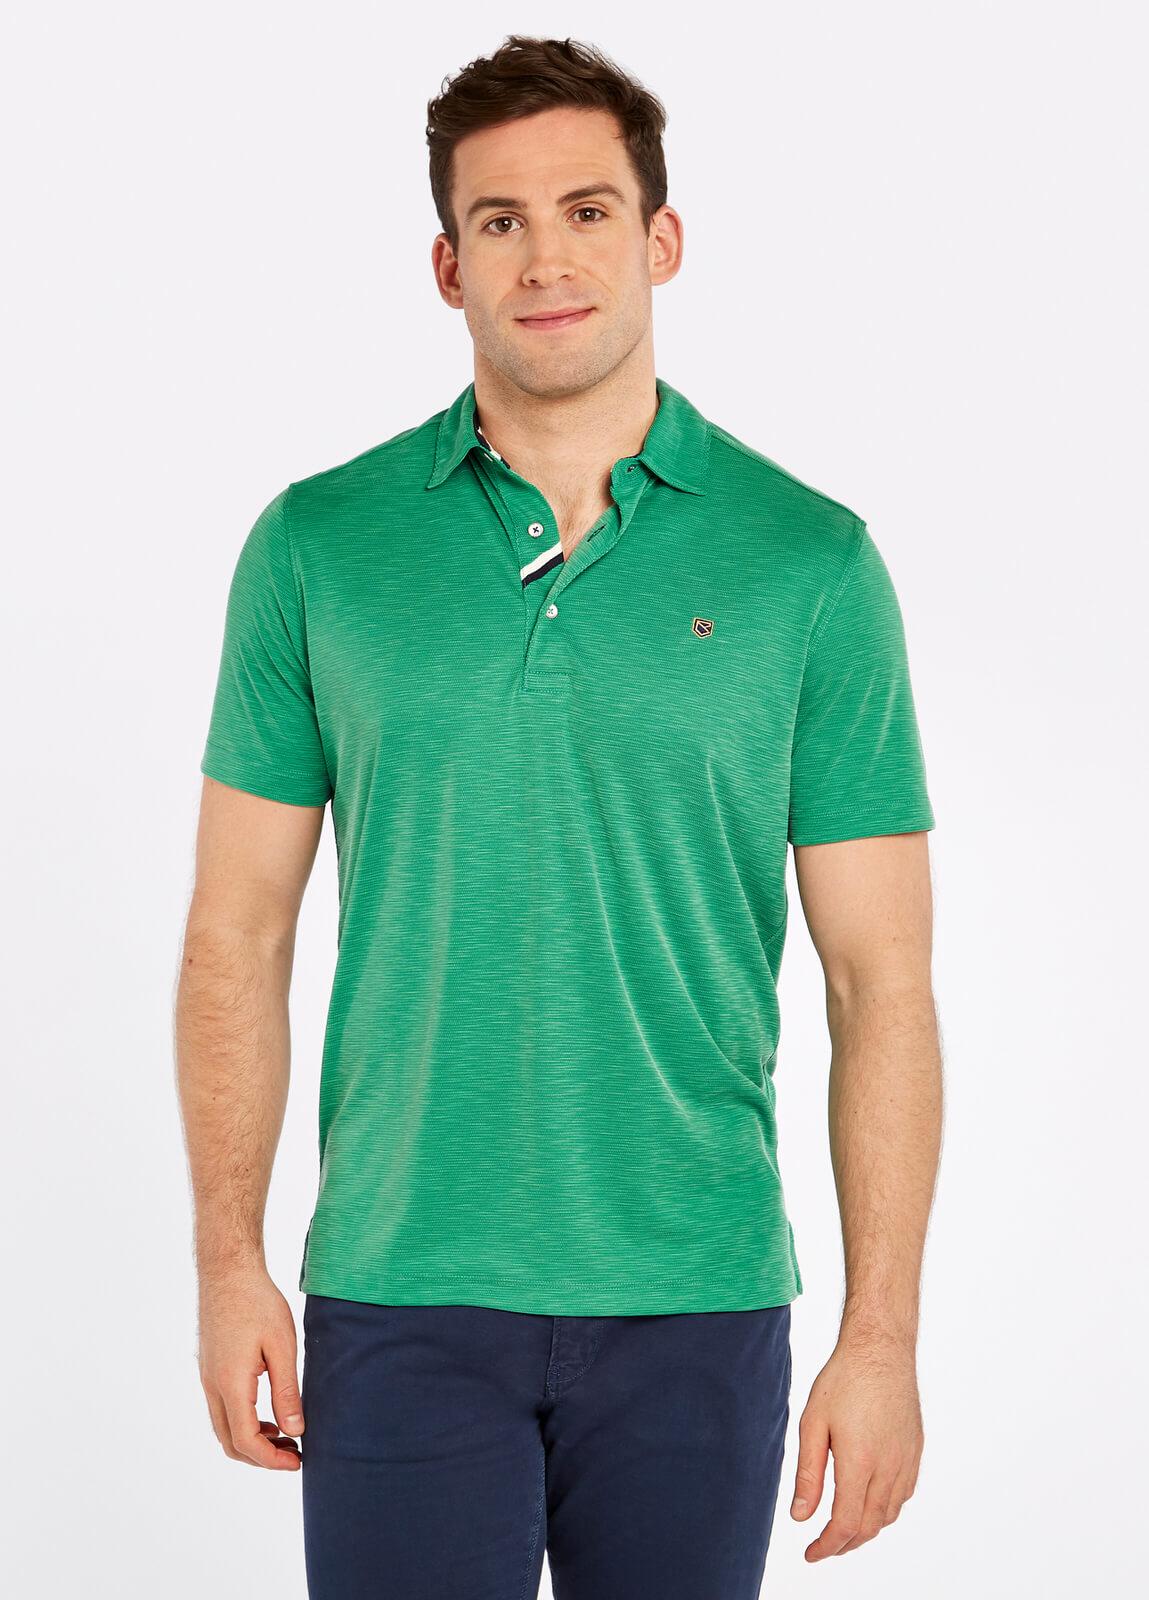 Dubarry_Corbally_Polo_Shirt_Kelly_Green_on_model